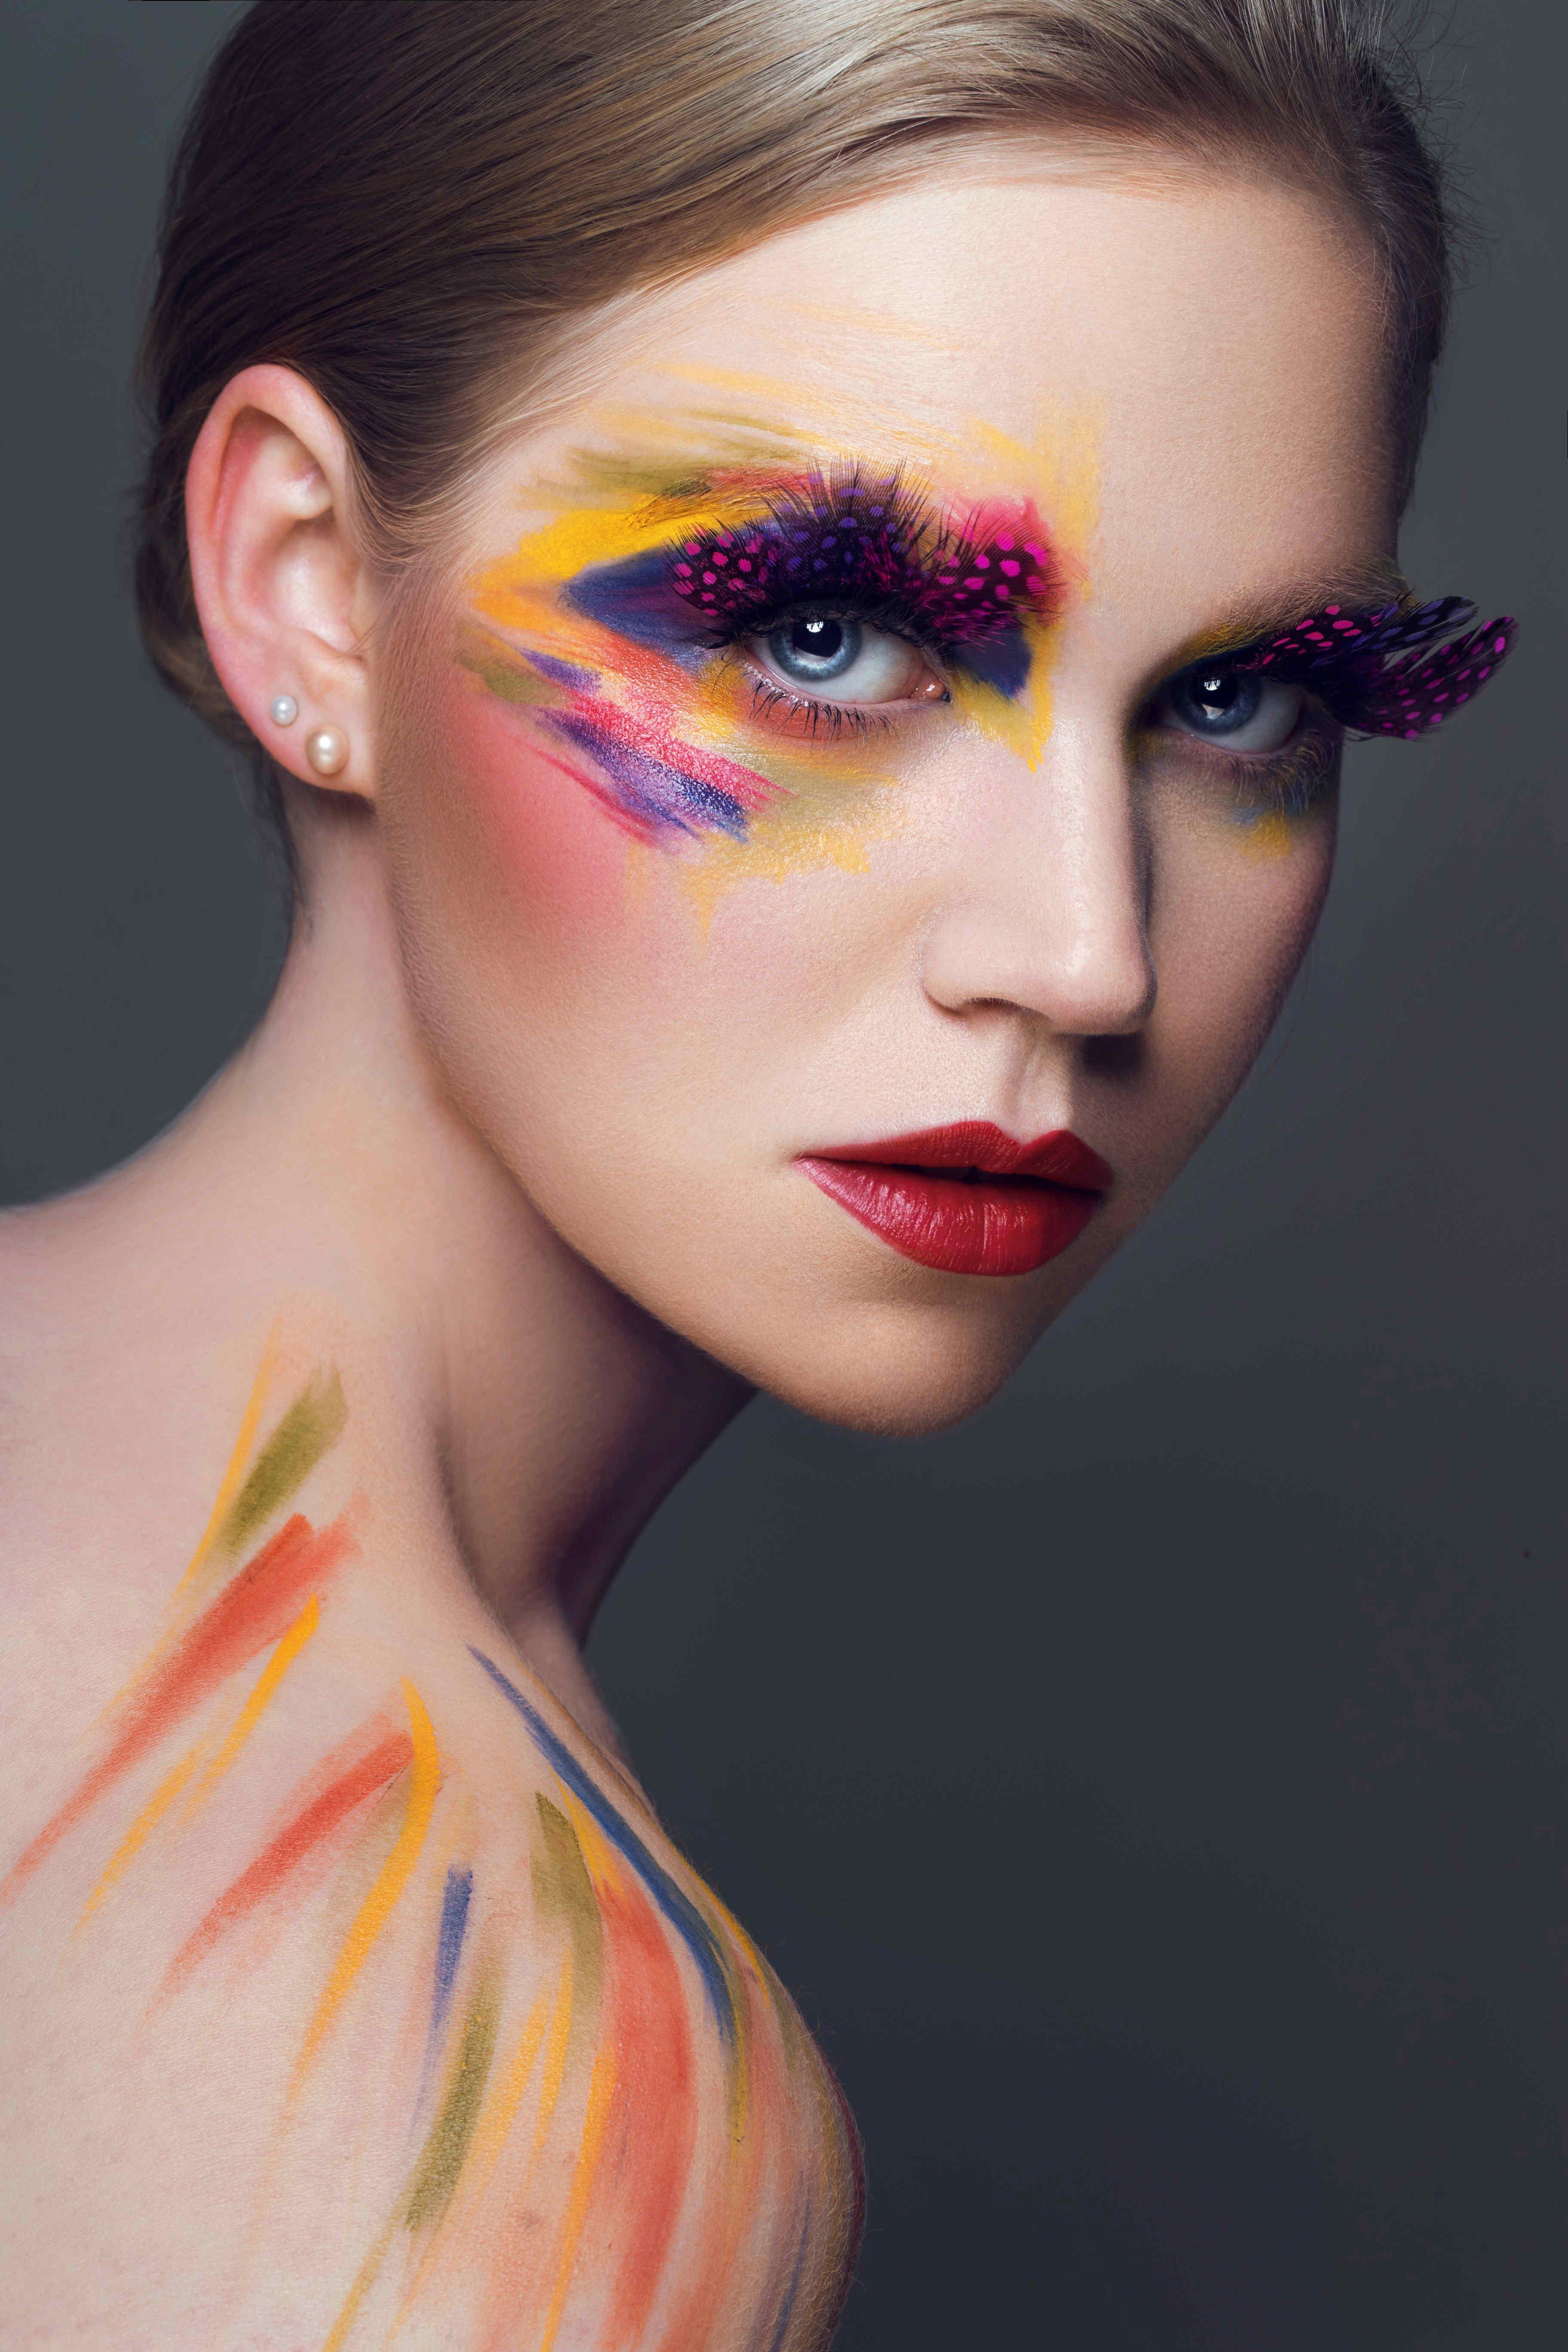 Fashion Creative Makeup Colourful Makeup Photoshoot Makeup